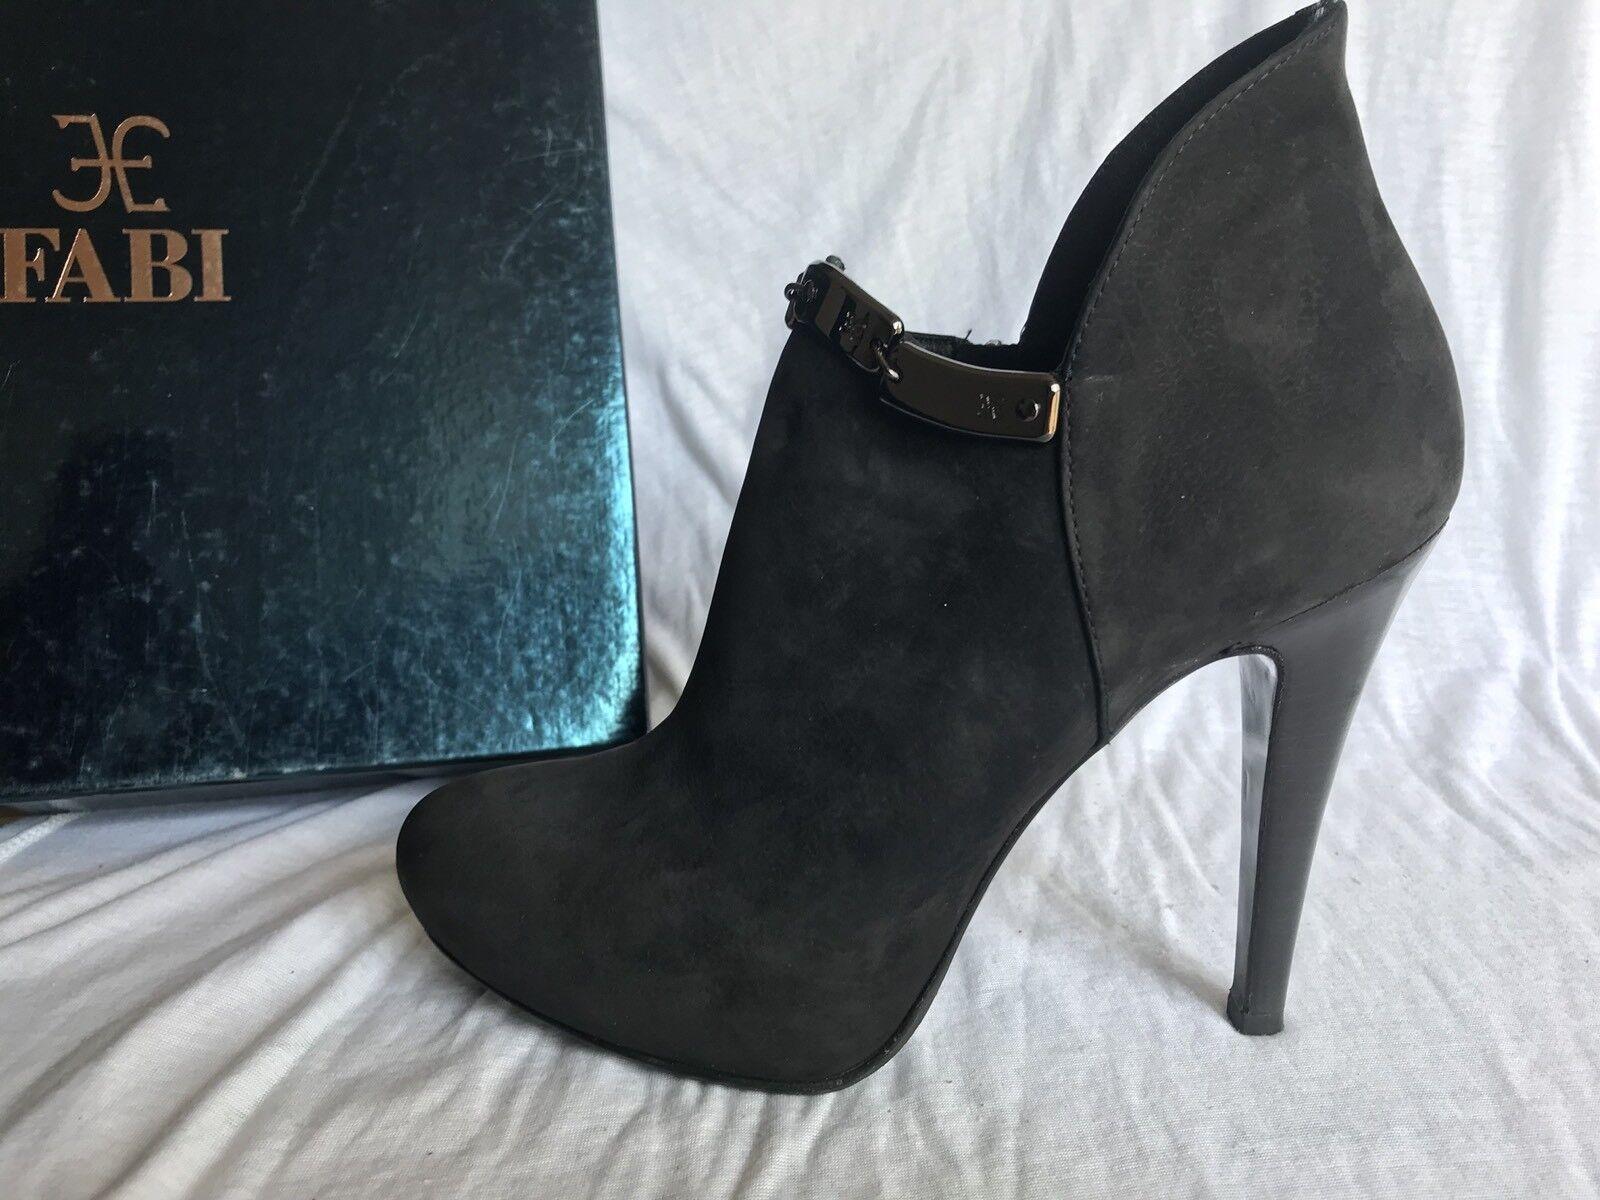 FABI scarpe Tronchetto Con Cerniera Tacco In Alto Nero 37 Made In Tacco Italy d9ea15